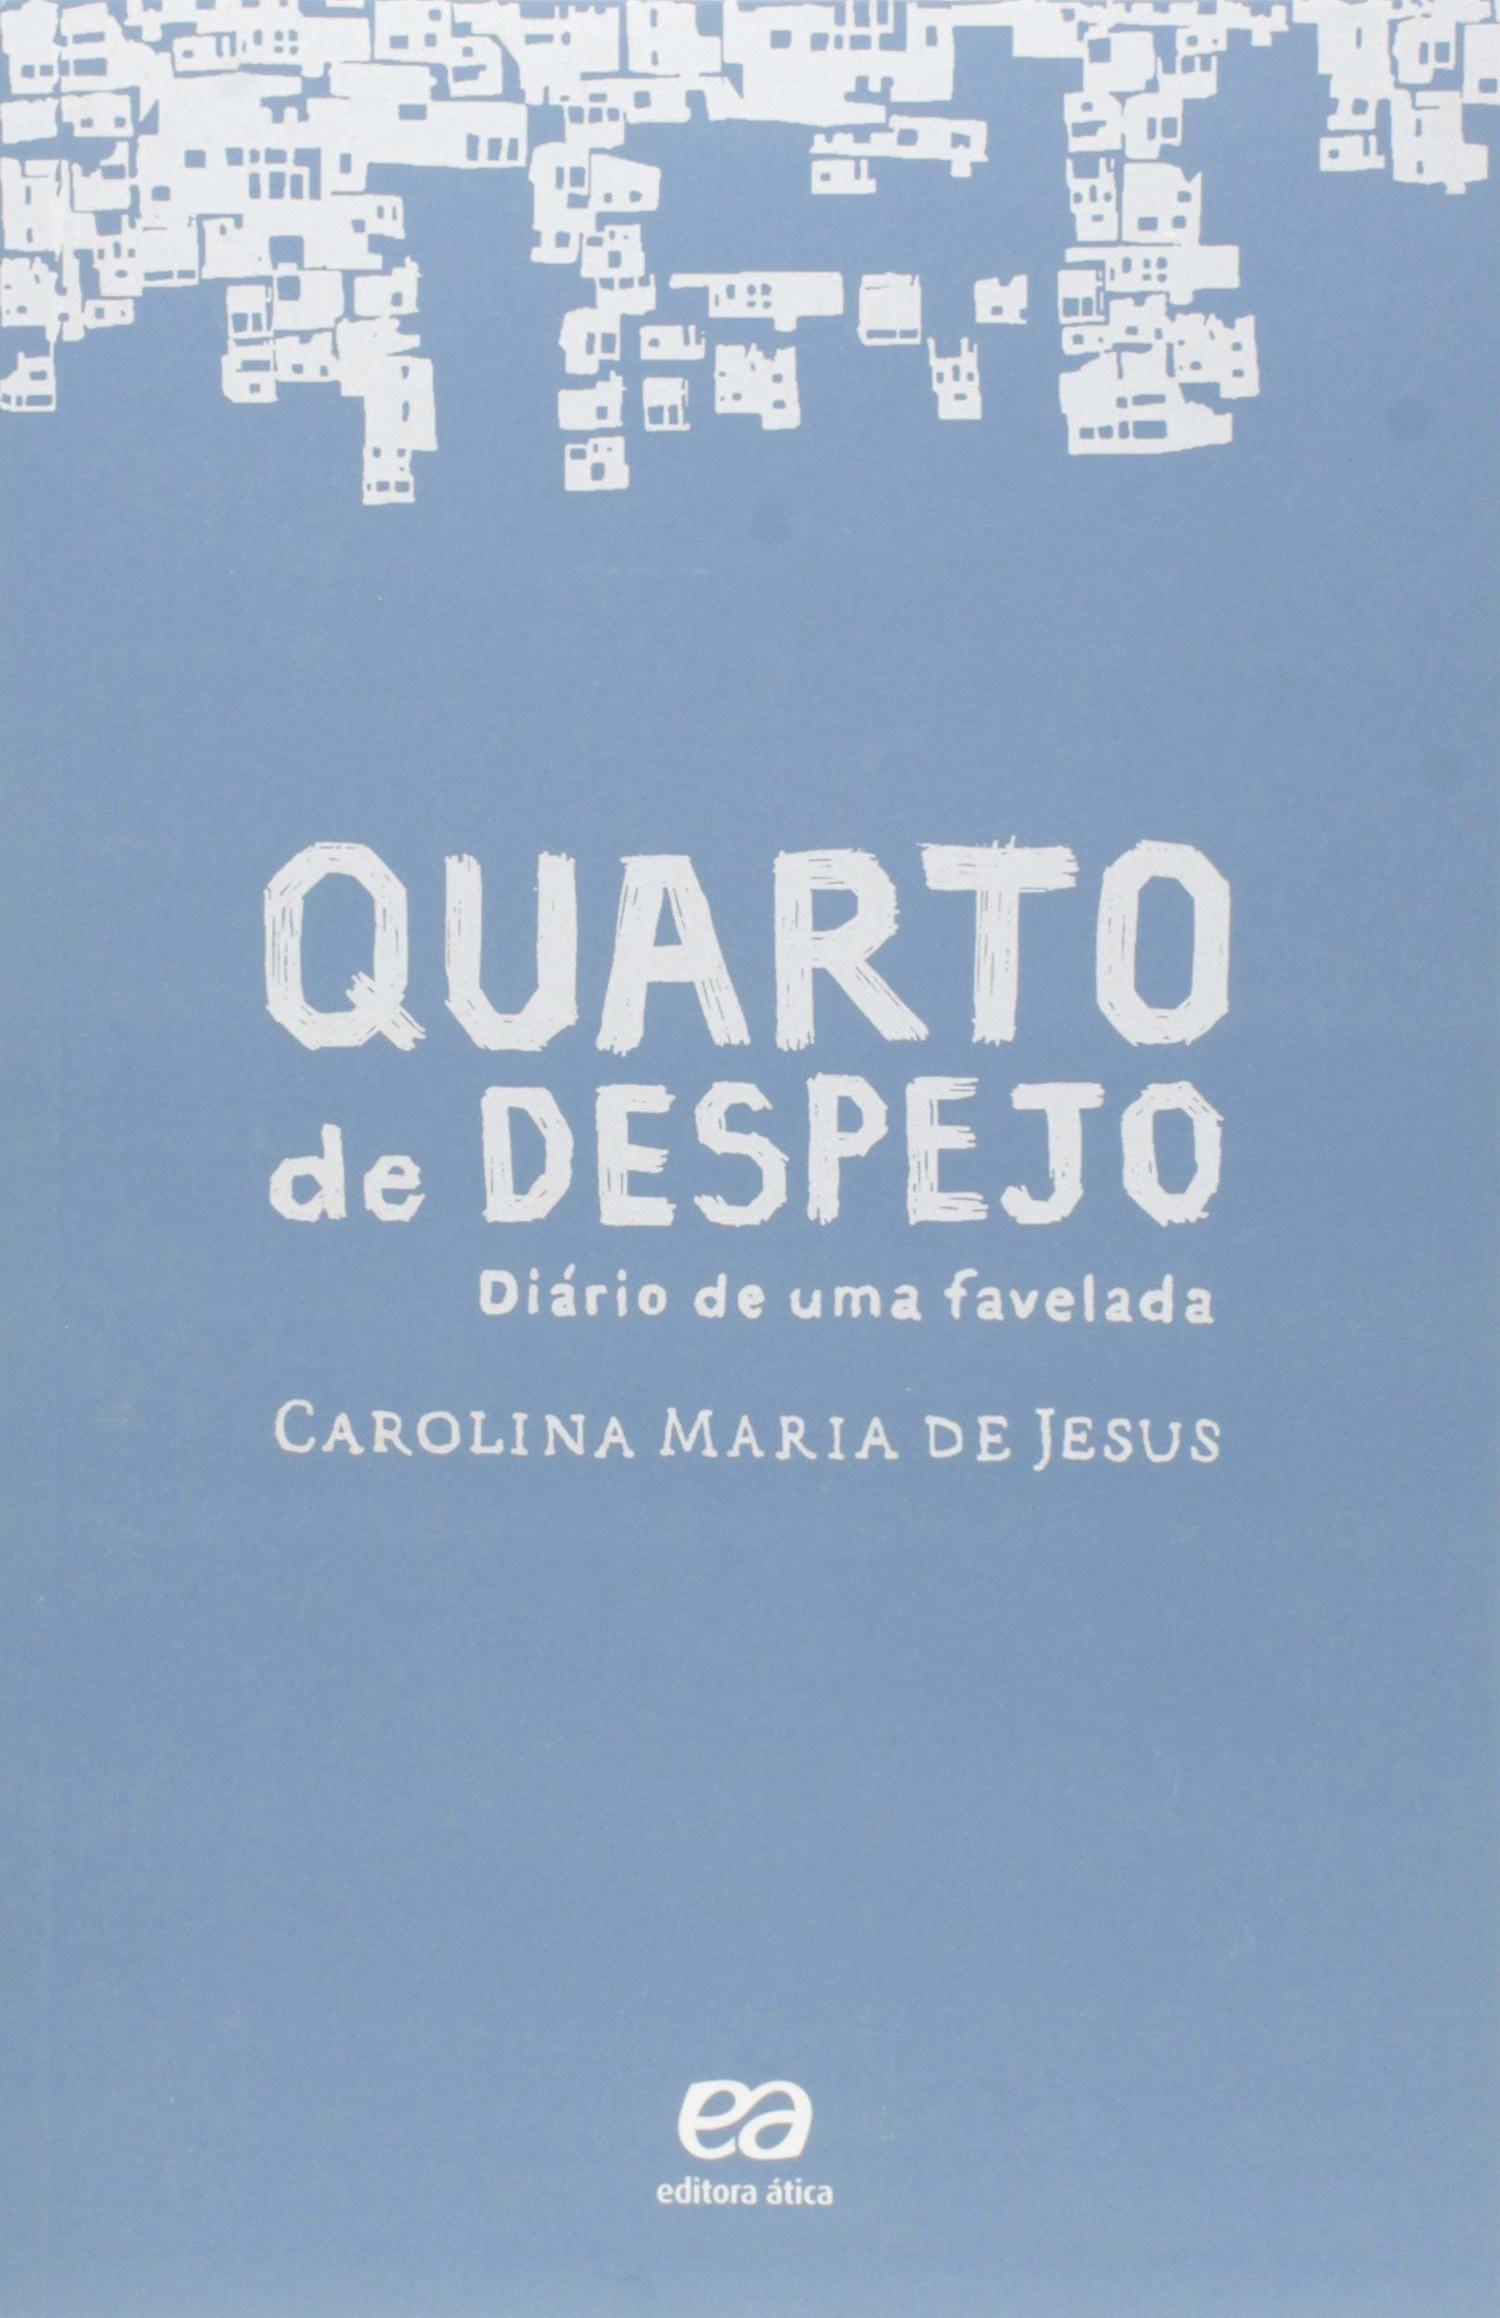 QUARTO DE DESPEJO - DIÁRIO DE UMA FAVELADA